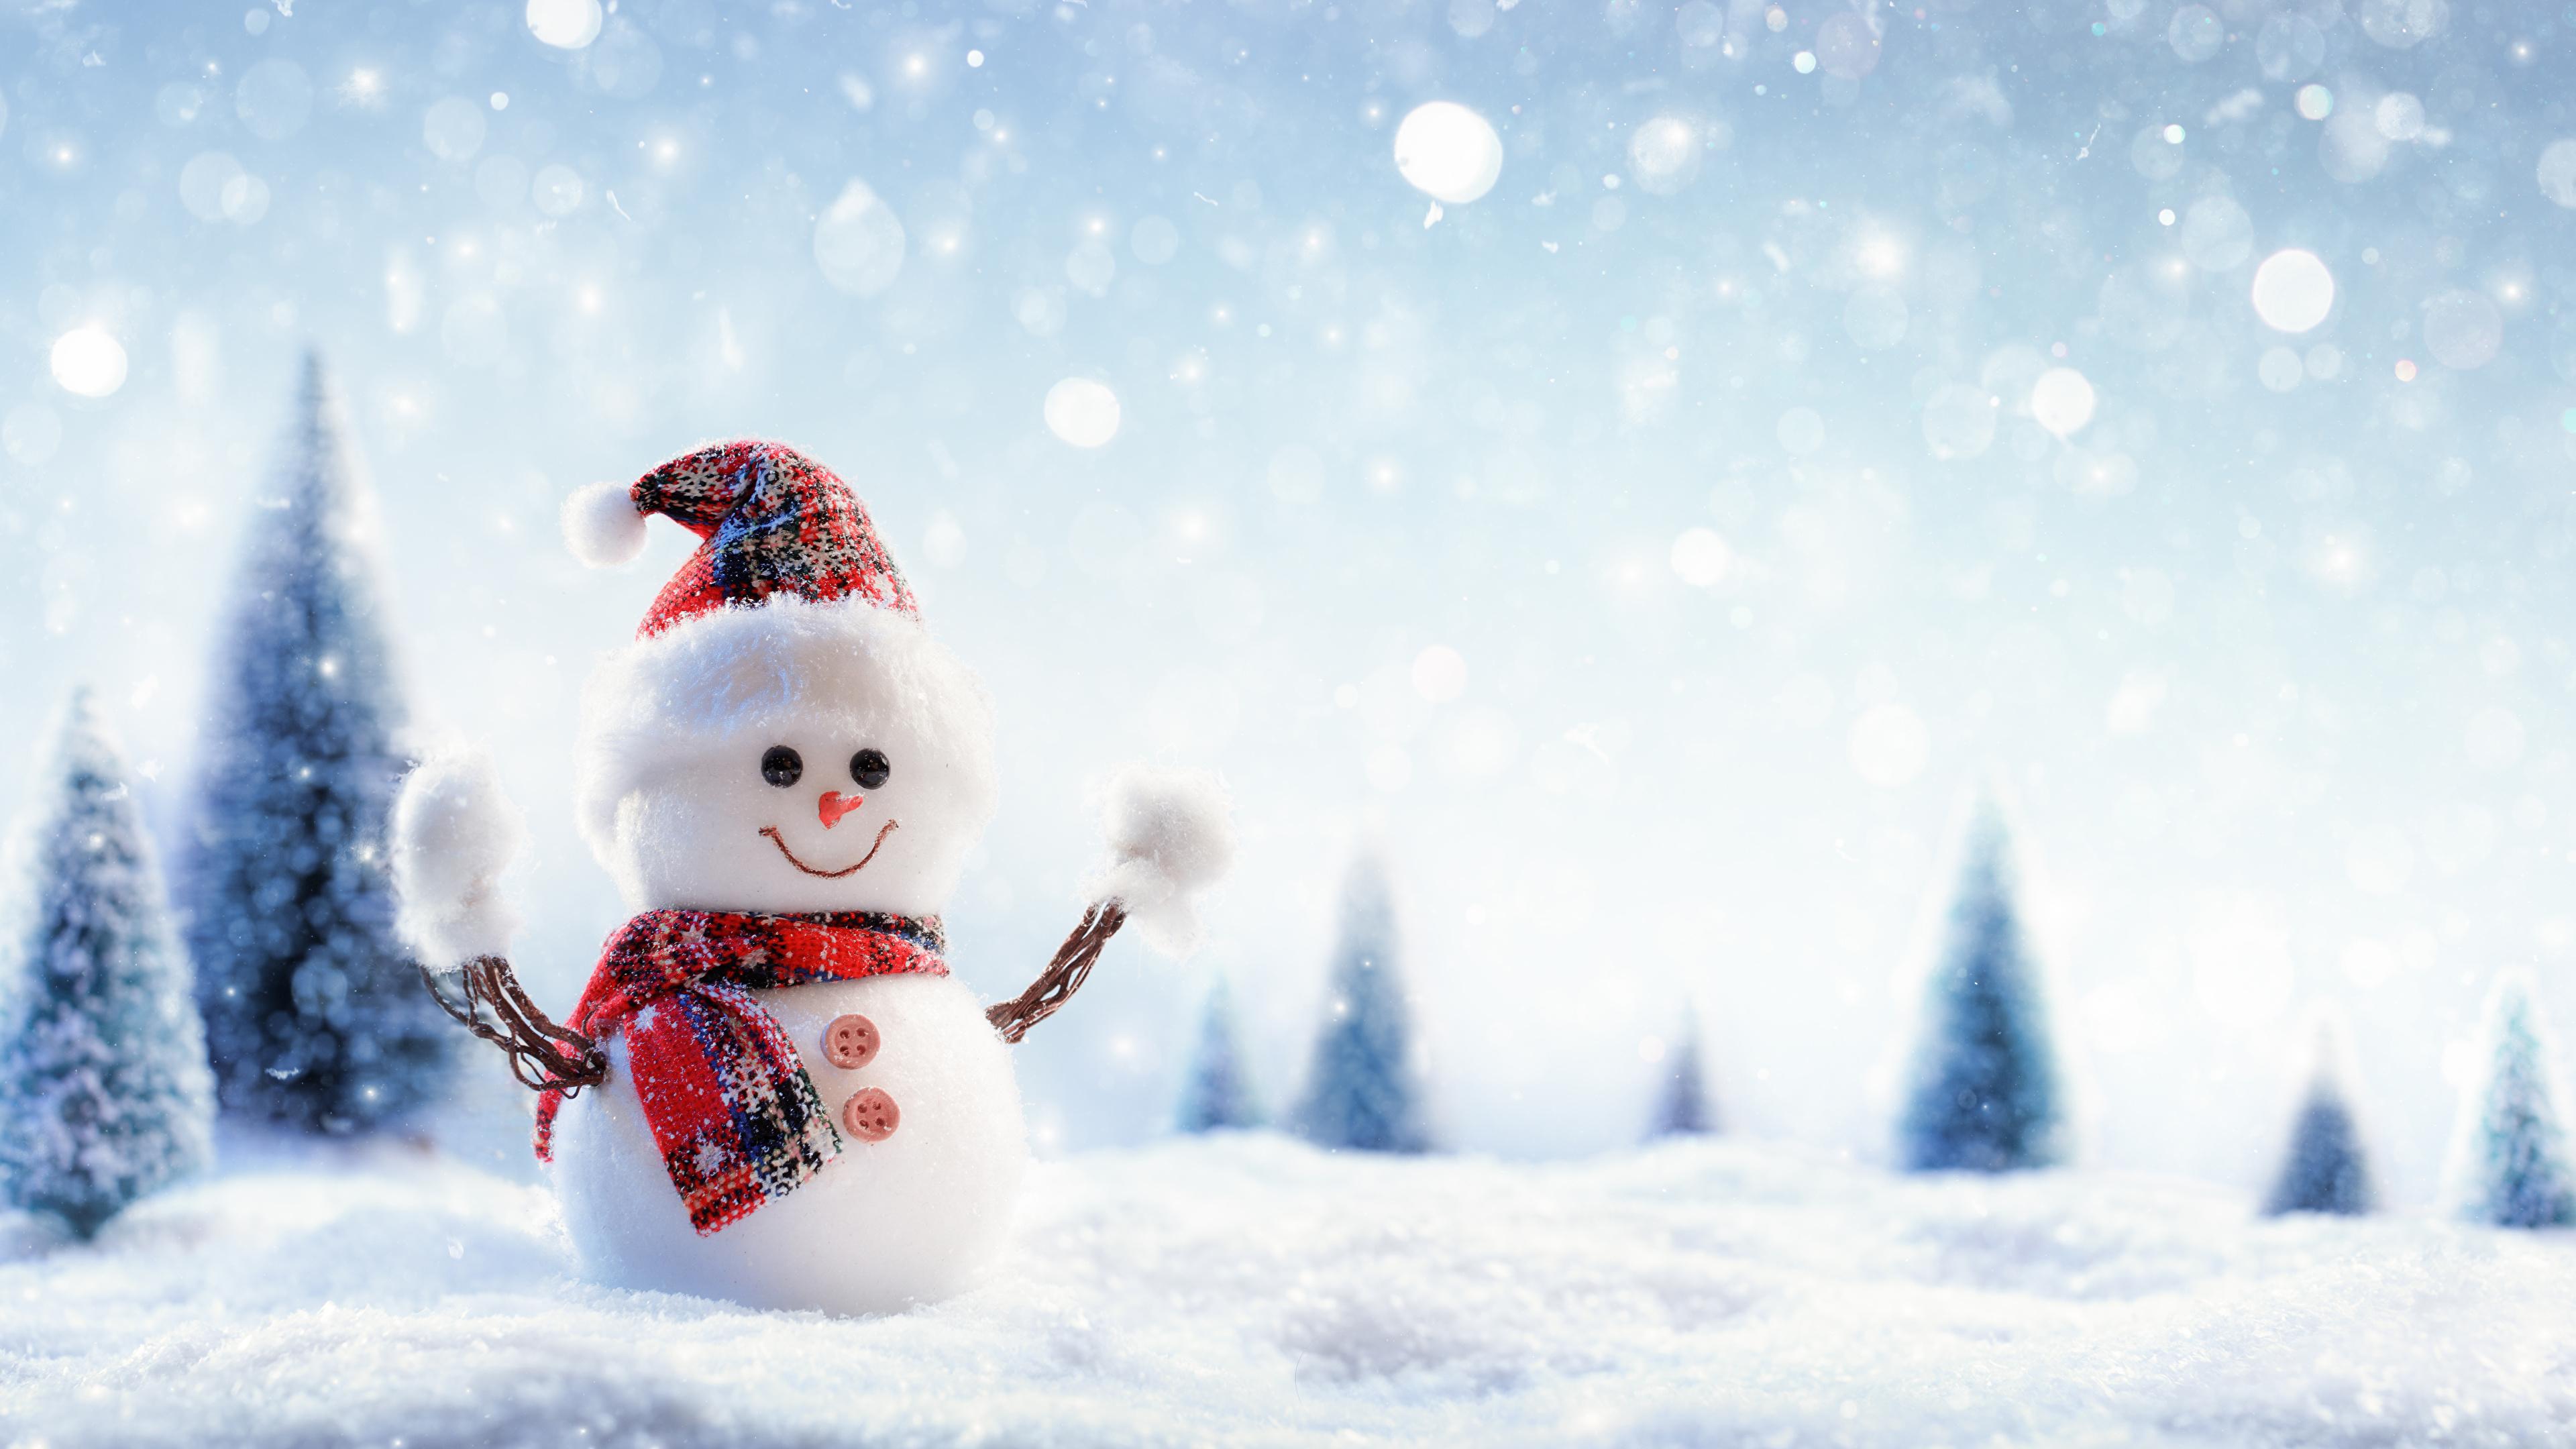 снеговик рождество улыбка снег без смс